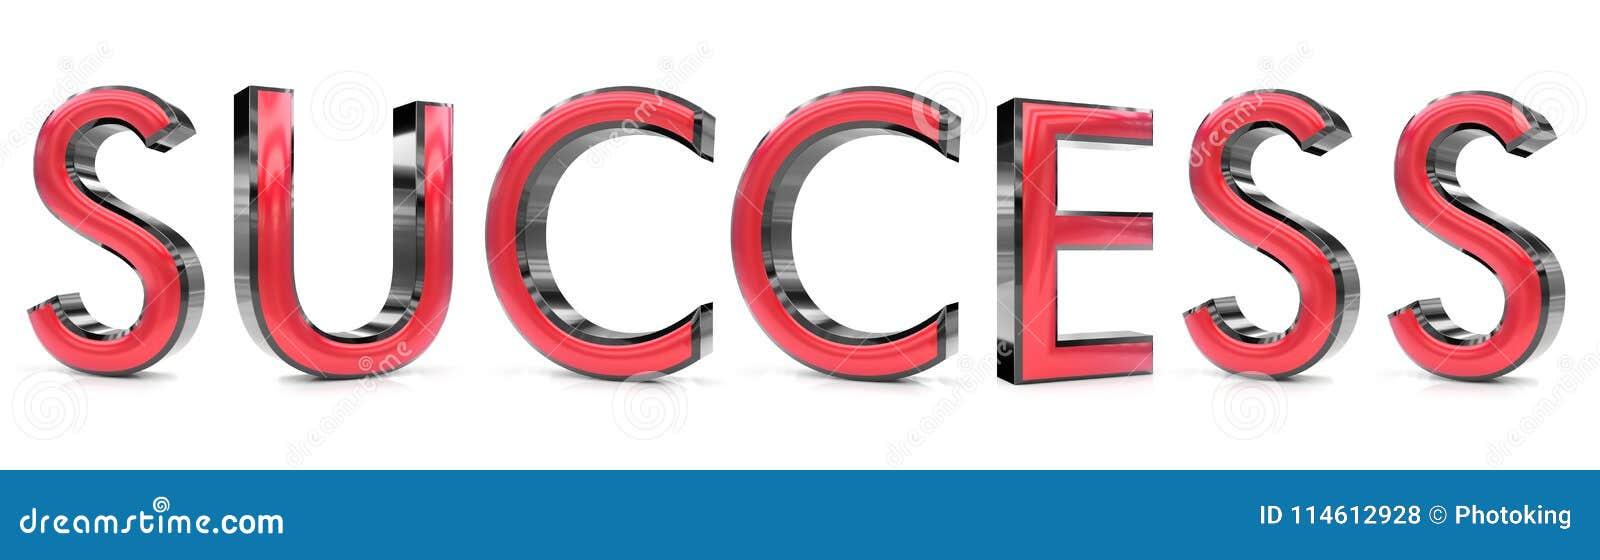 Ord för framgång 3d